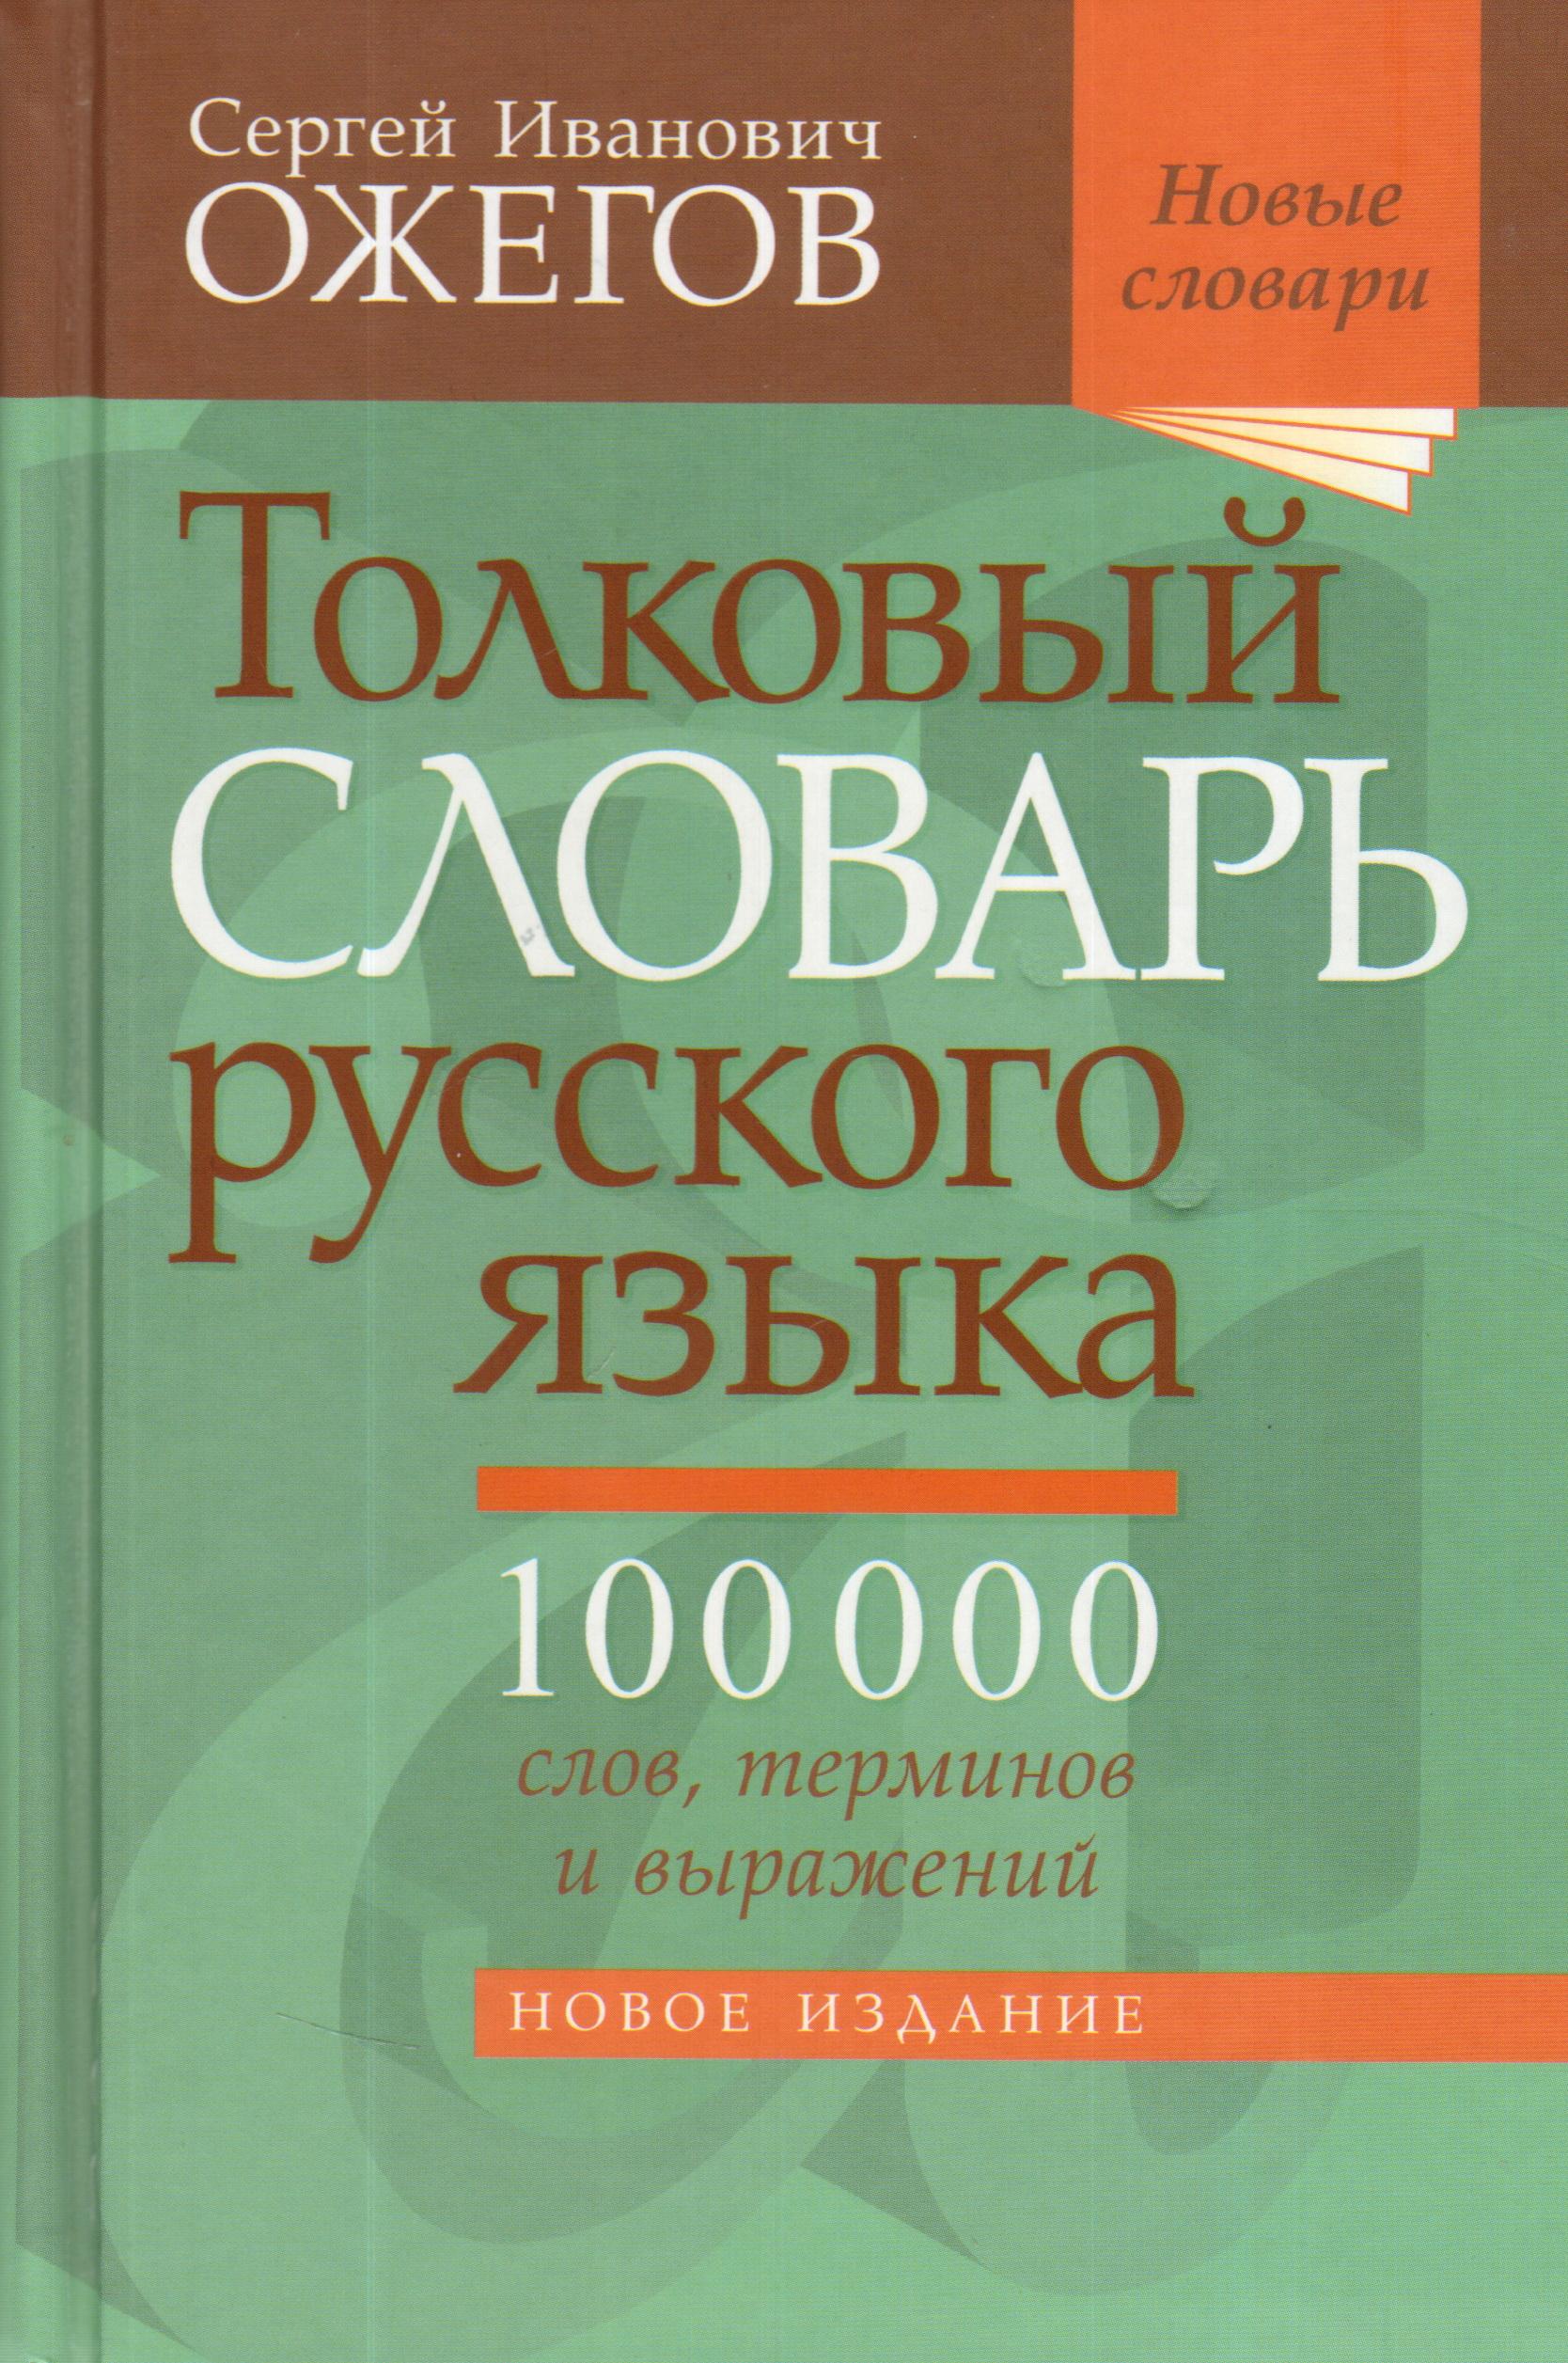 Толковый словарь живого великорусского языка — википедия. что такое толковый словарь живого великорусского языка